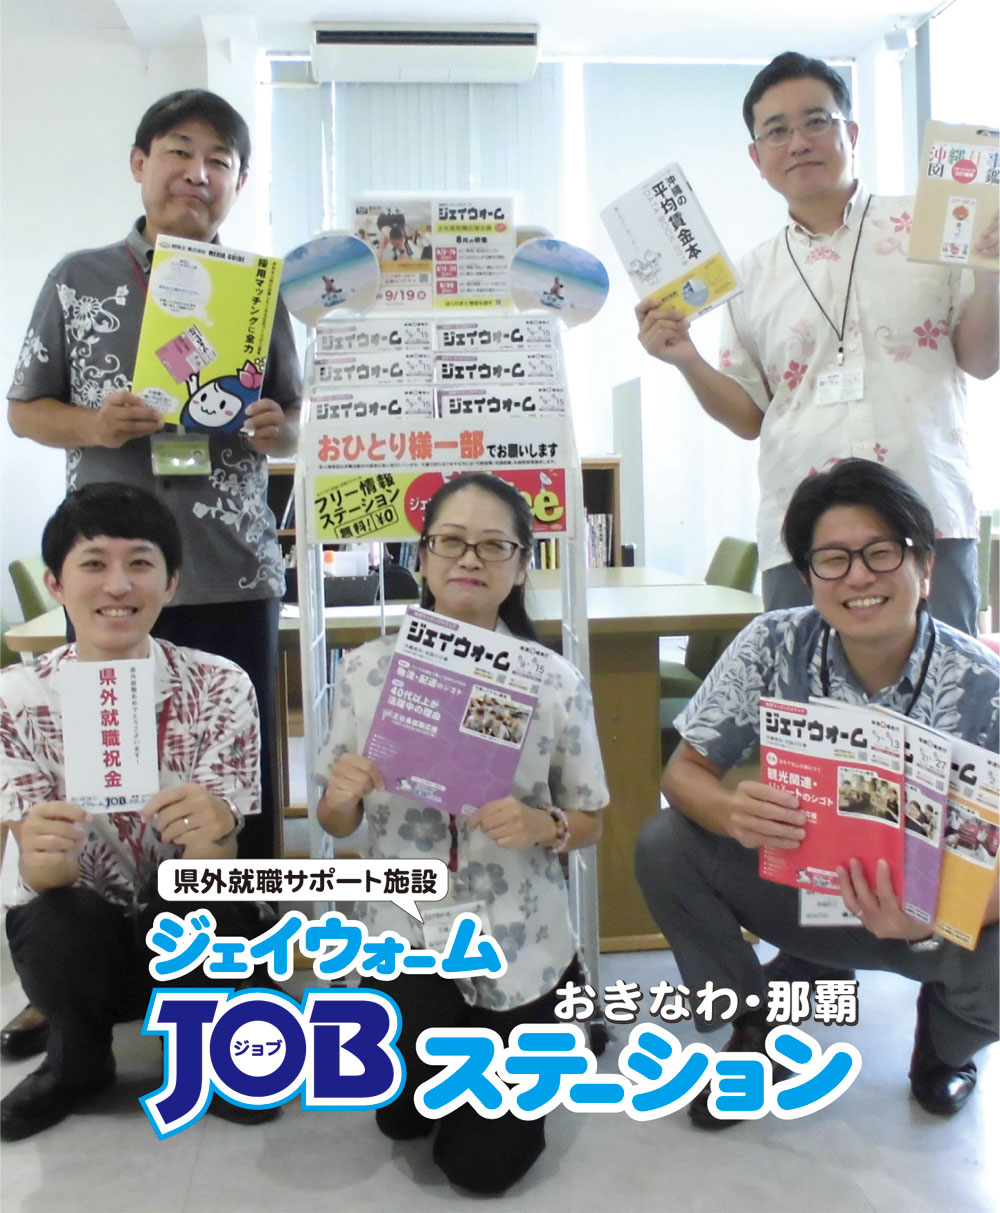 県外就職サポート施設のイメージ